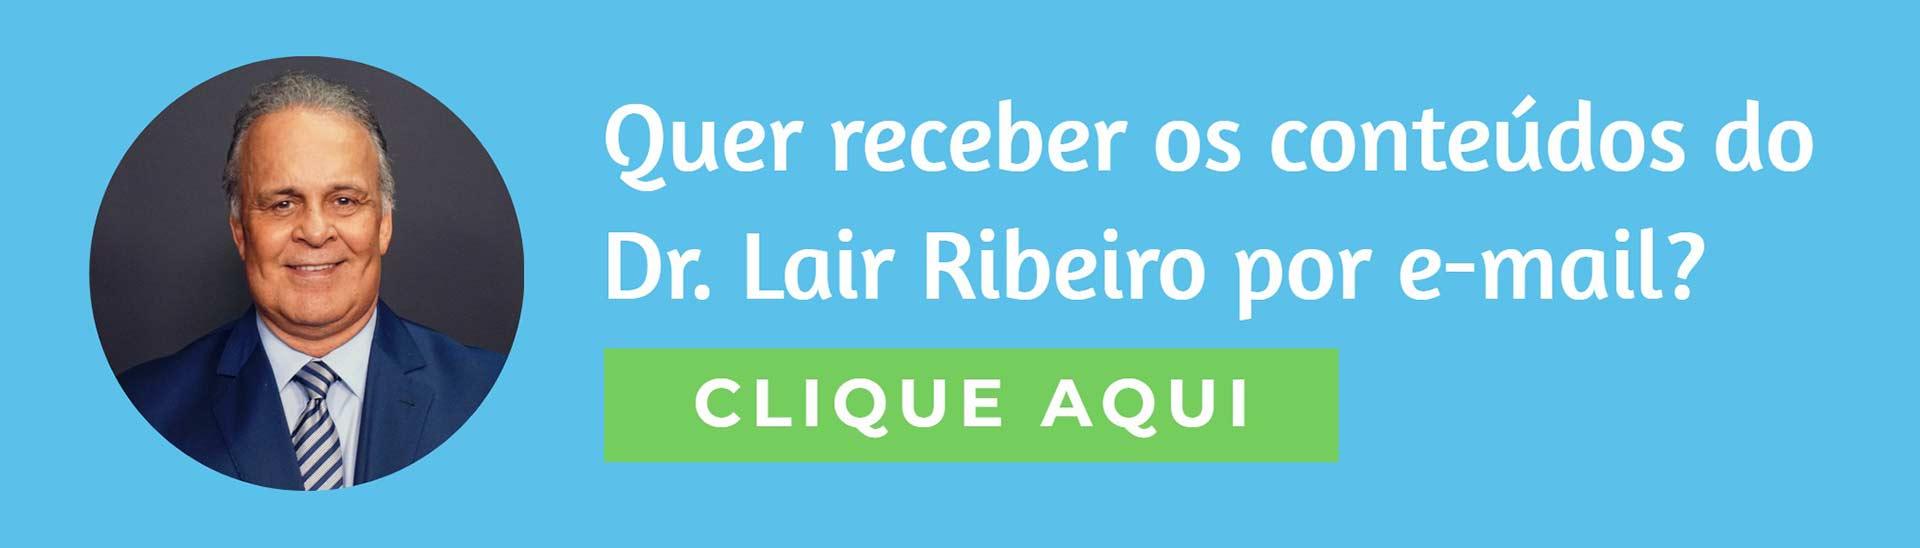 clique e receba mais conteúdos do Dr. Lair Ribeiro